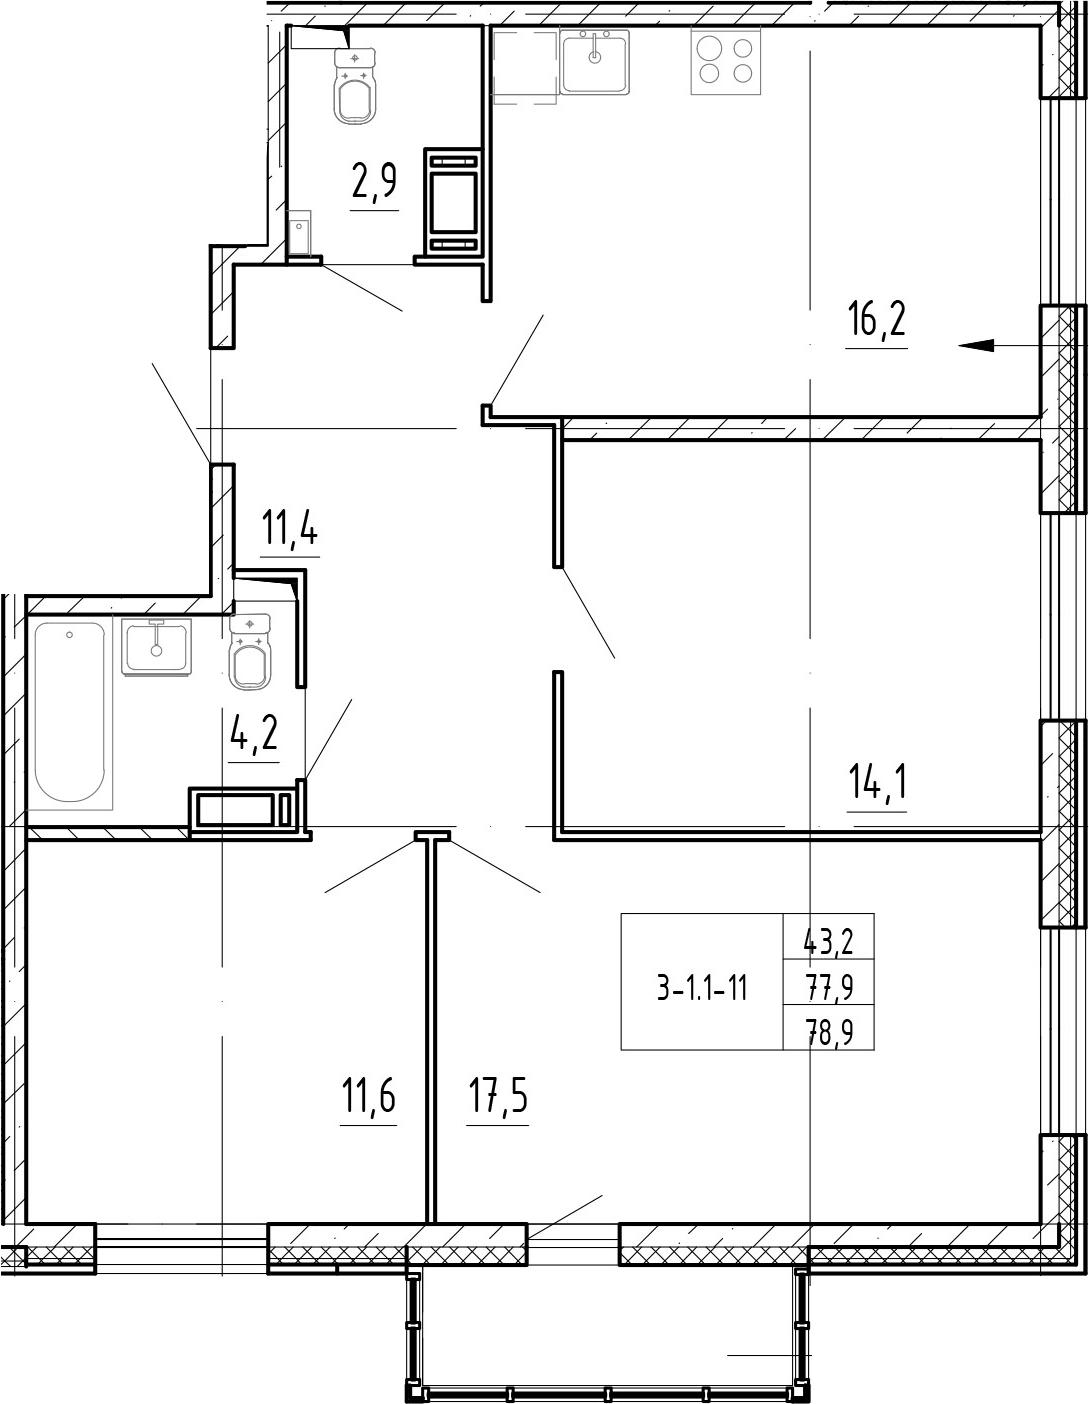 3-комнатная, 78.9 м²– 2